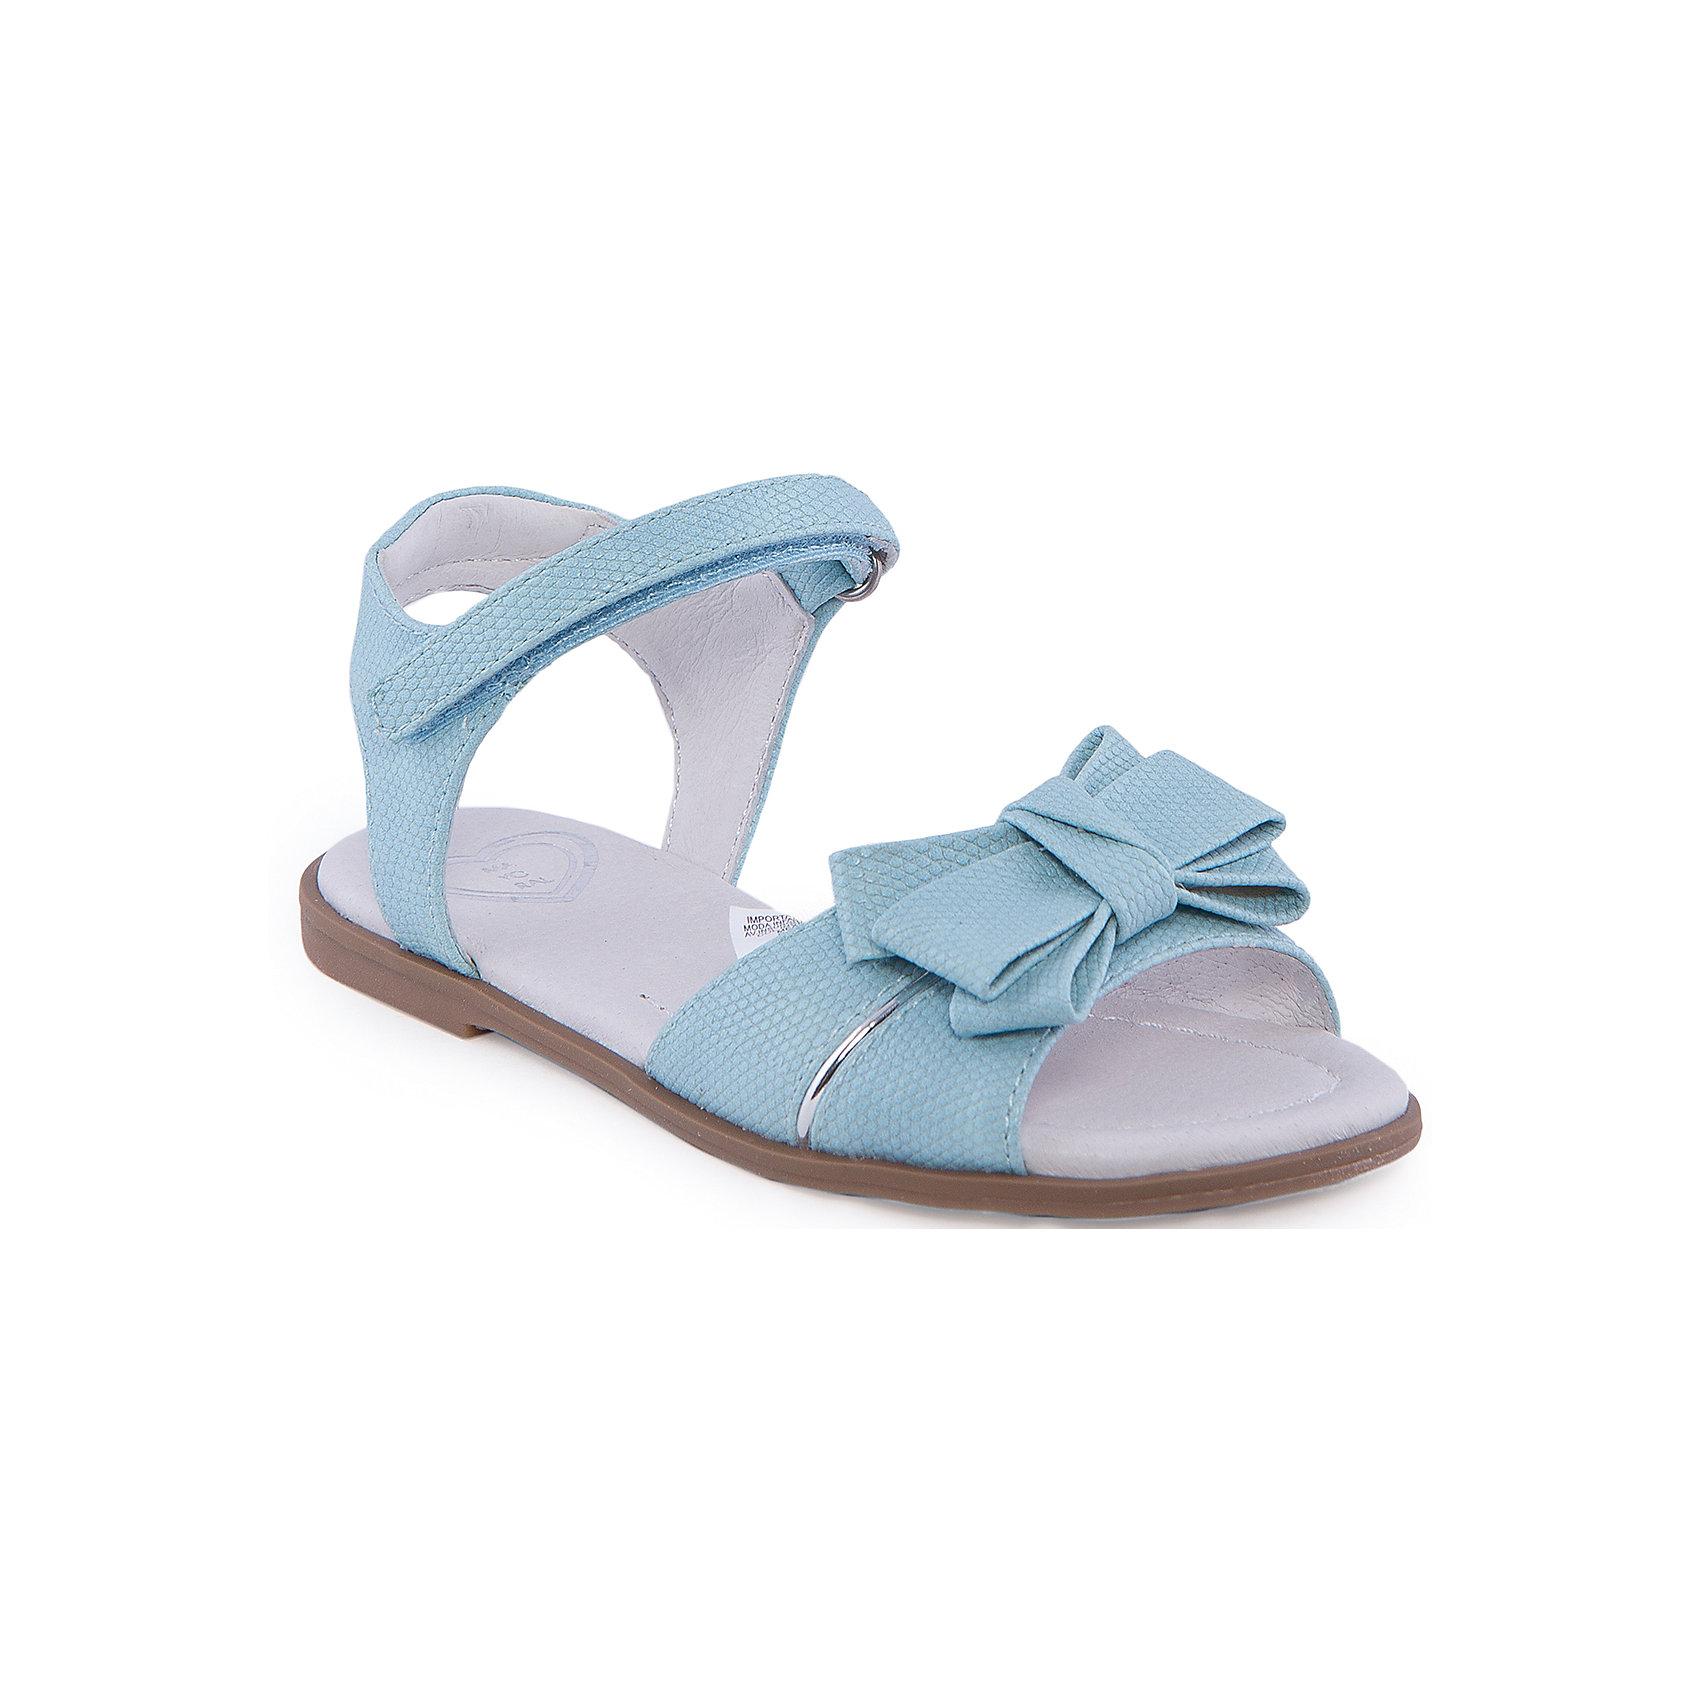 Сандалии для девочки  MayoralСандалии для девочки от известной марки Mayoral<br><br>Красивые удобные сандалии дополнят образ девочки в новом весенне-летнем сезоне. Эта модель разработала специально для девочек, любящих платья и юбки - именно с женственными моделями такие туфли смотрятся особенно хорошо. Сделаны они из легкого, но прочного материала. Комфортно садятся по ноге и не натирают.<br><br>Особенности модели:<br><br>- цвет: голубой;<br>- плоская нескользящая подошва;<br>- материал - искусственная кожа;<br>- застежка-липучка;<br>- декорирована бантом;<br>- открытый носок и пятка.<br><br>Дополнительная информация:<br><br>Состав: верх - искусственная кожа;<br>стелька - натуральная кожа;<br>подошва - полиуретан.<br><br>Сандалии для девочки от Mayoral (Майорал) можно купить в нашем магазине.<br><br>Ширина мм: 219<br>Глубина мм: 154<br>Высота мм: 121<br>Вес г: 343<br>Цвет: голубой<br>Возраст от месяцев: 132<br>Возраст до месяцев: 144<br>Пол: Женский<br>Возраст: Детский<br>Размер: 35,27,26,29,32,34,33,31,30,28<br>SKU: 4539849